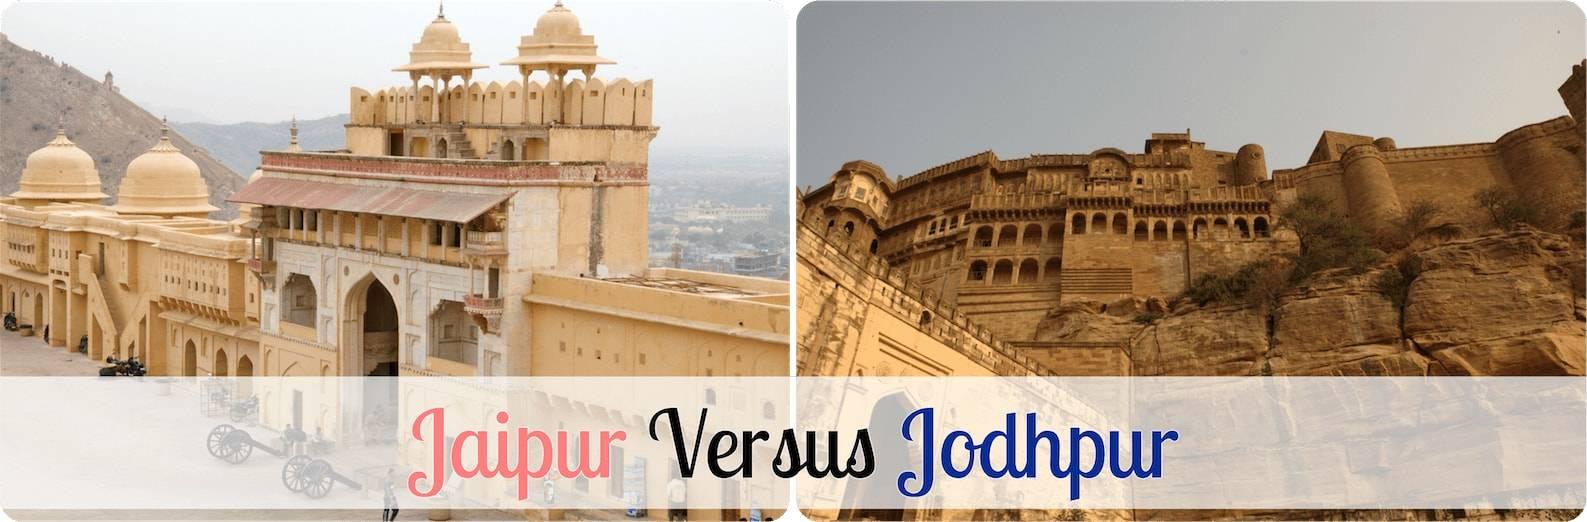 jaipur-forts-vs-jodhpur-forts.jpg